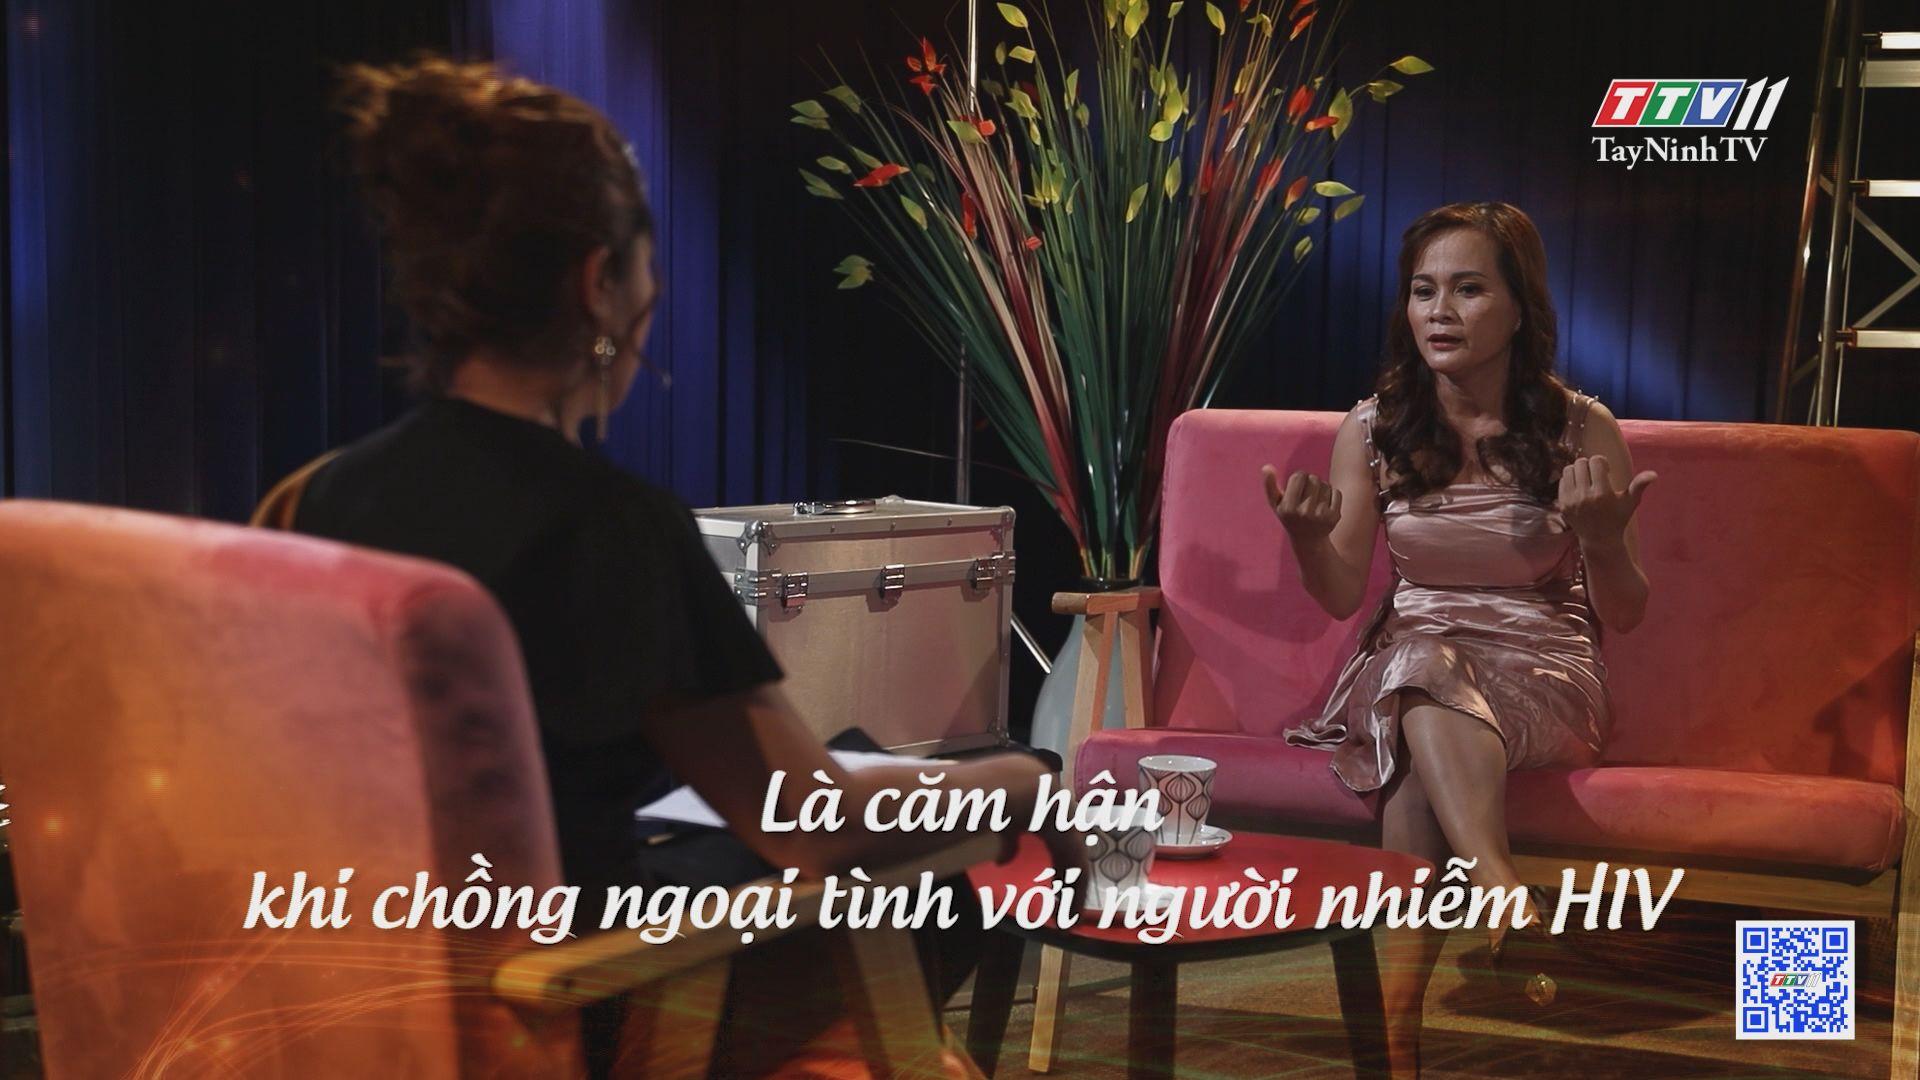 Hạnh phúc ở đâu? TRAILER-Phần 4 | Truyền hình Tây Ninh | TayNinhTV